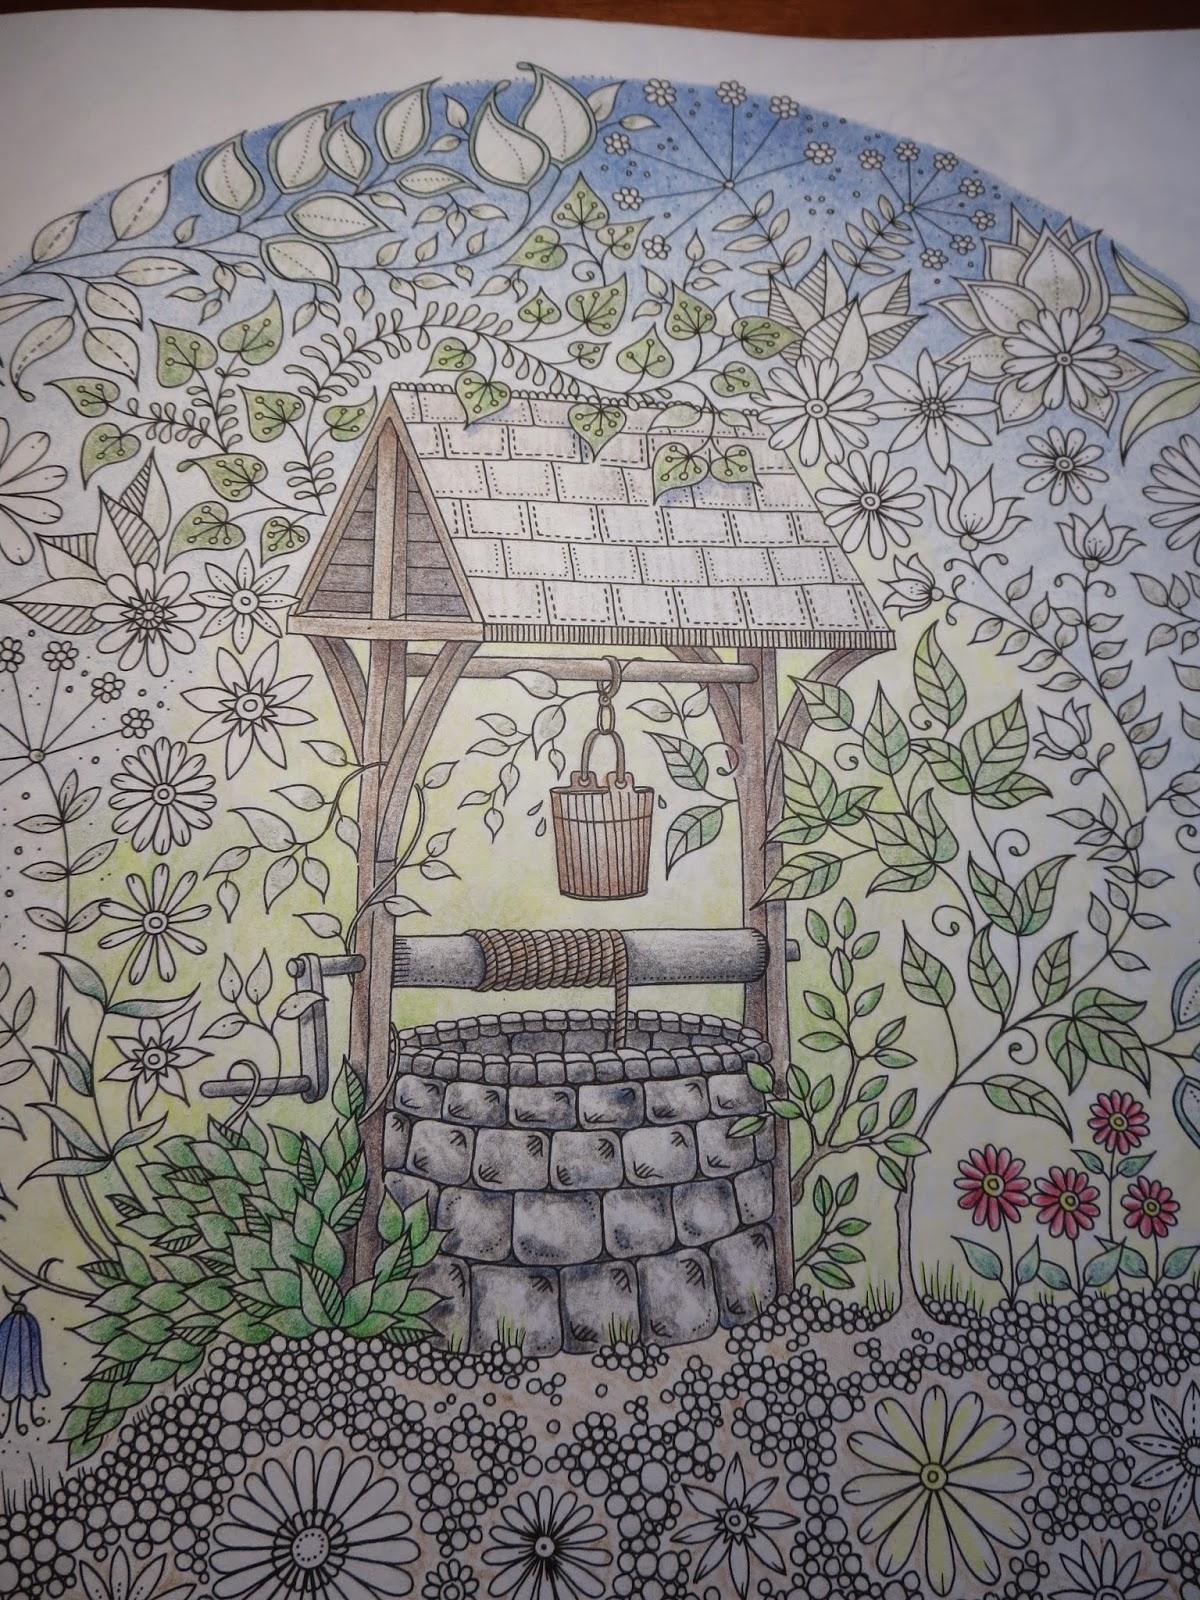 My Secret Garden: Passion For Pencils: My Secret Garden Colouring Book, Part 5